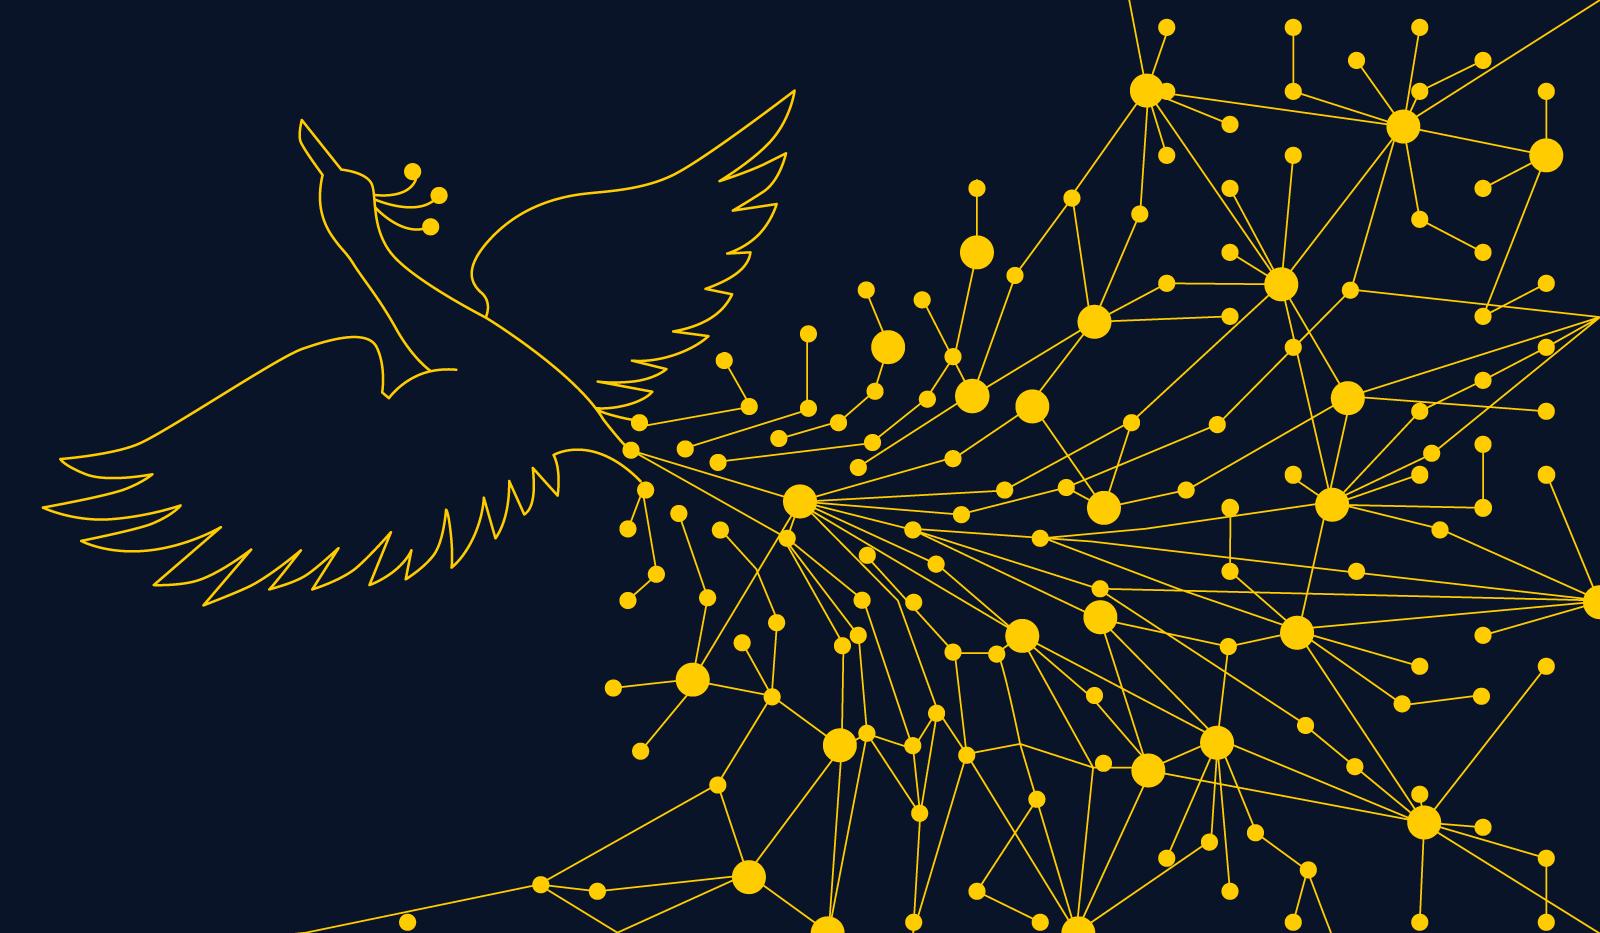 Искусственный интеллект в поиске. Как Яндекс научился применять нейронные сети, чтобы искать по смыслу, а не по словам - 1